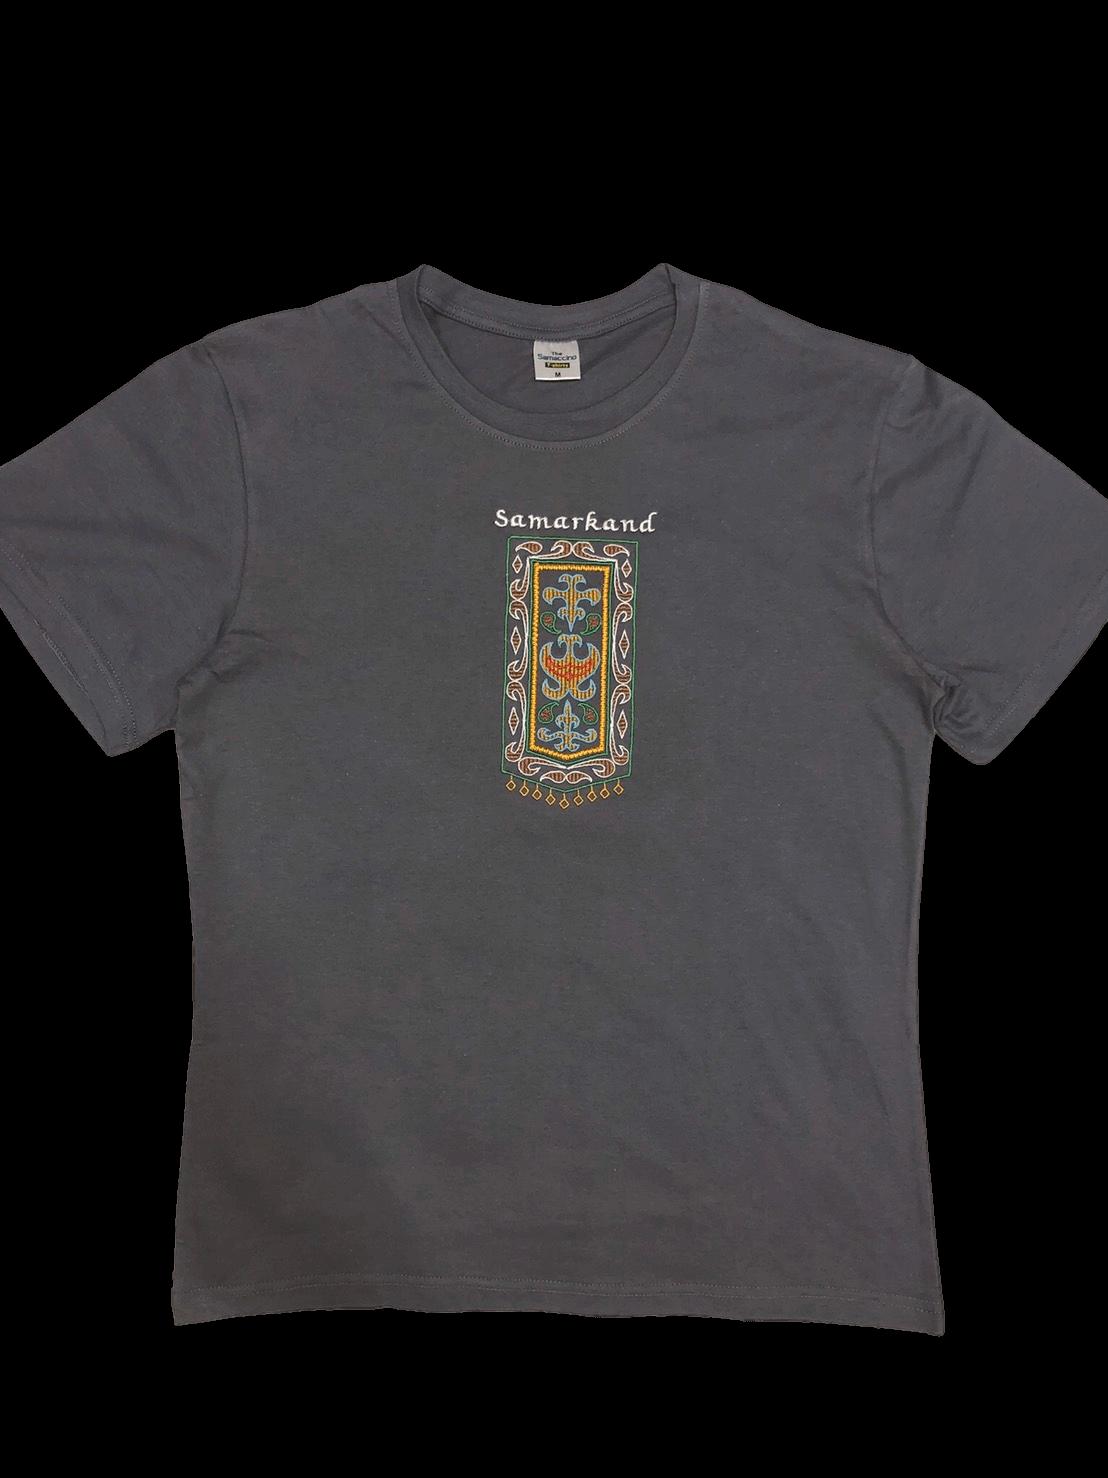 スザニ刺繍入り サマルカンド Tシャツ(グレー)